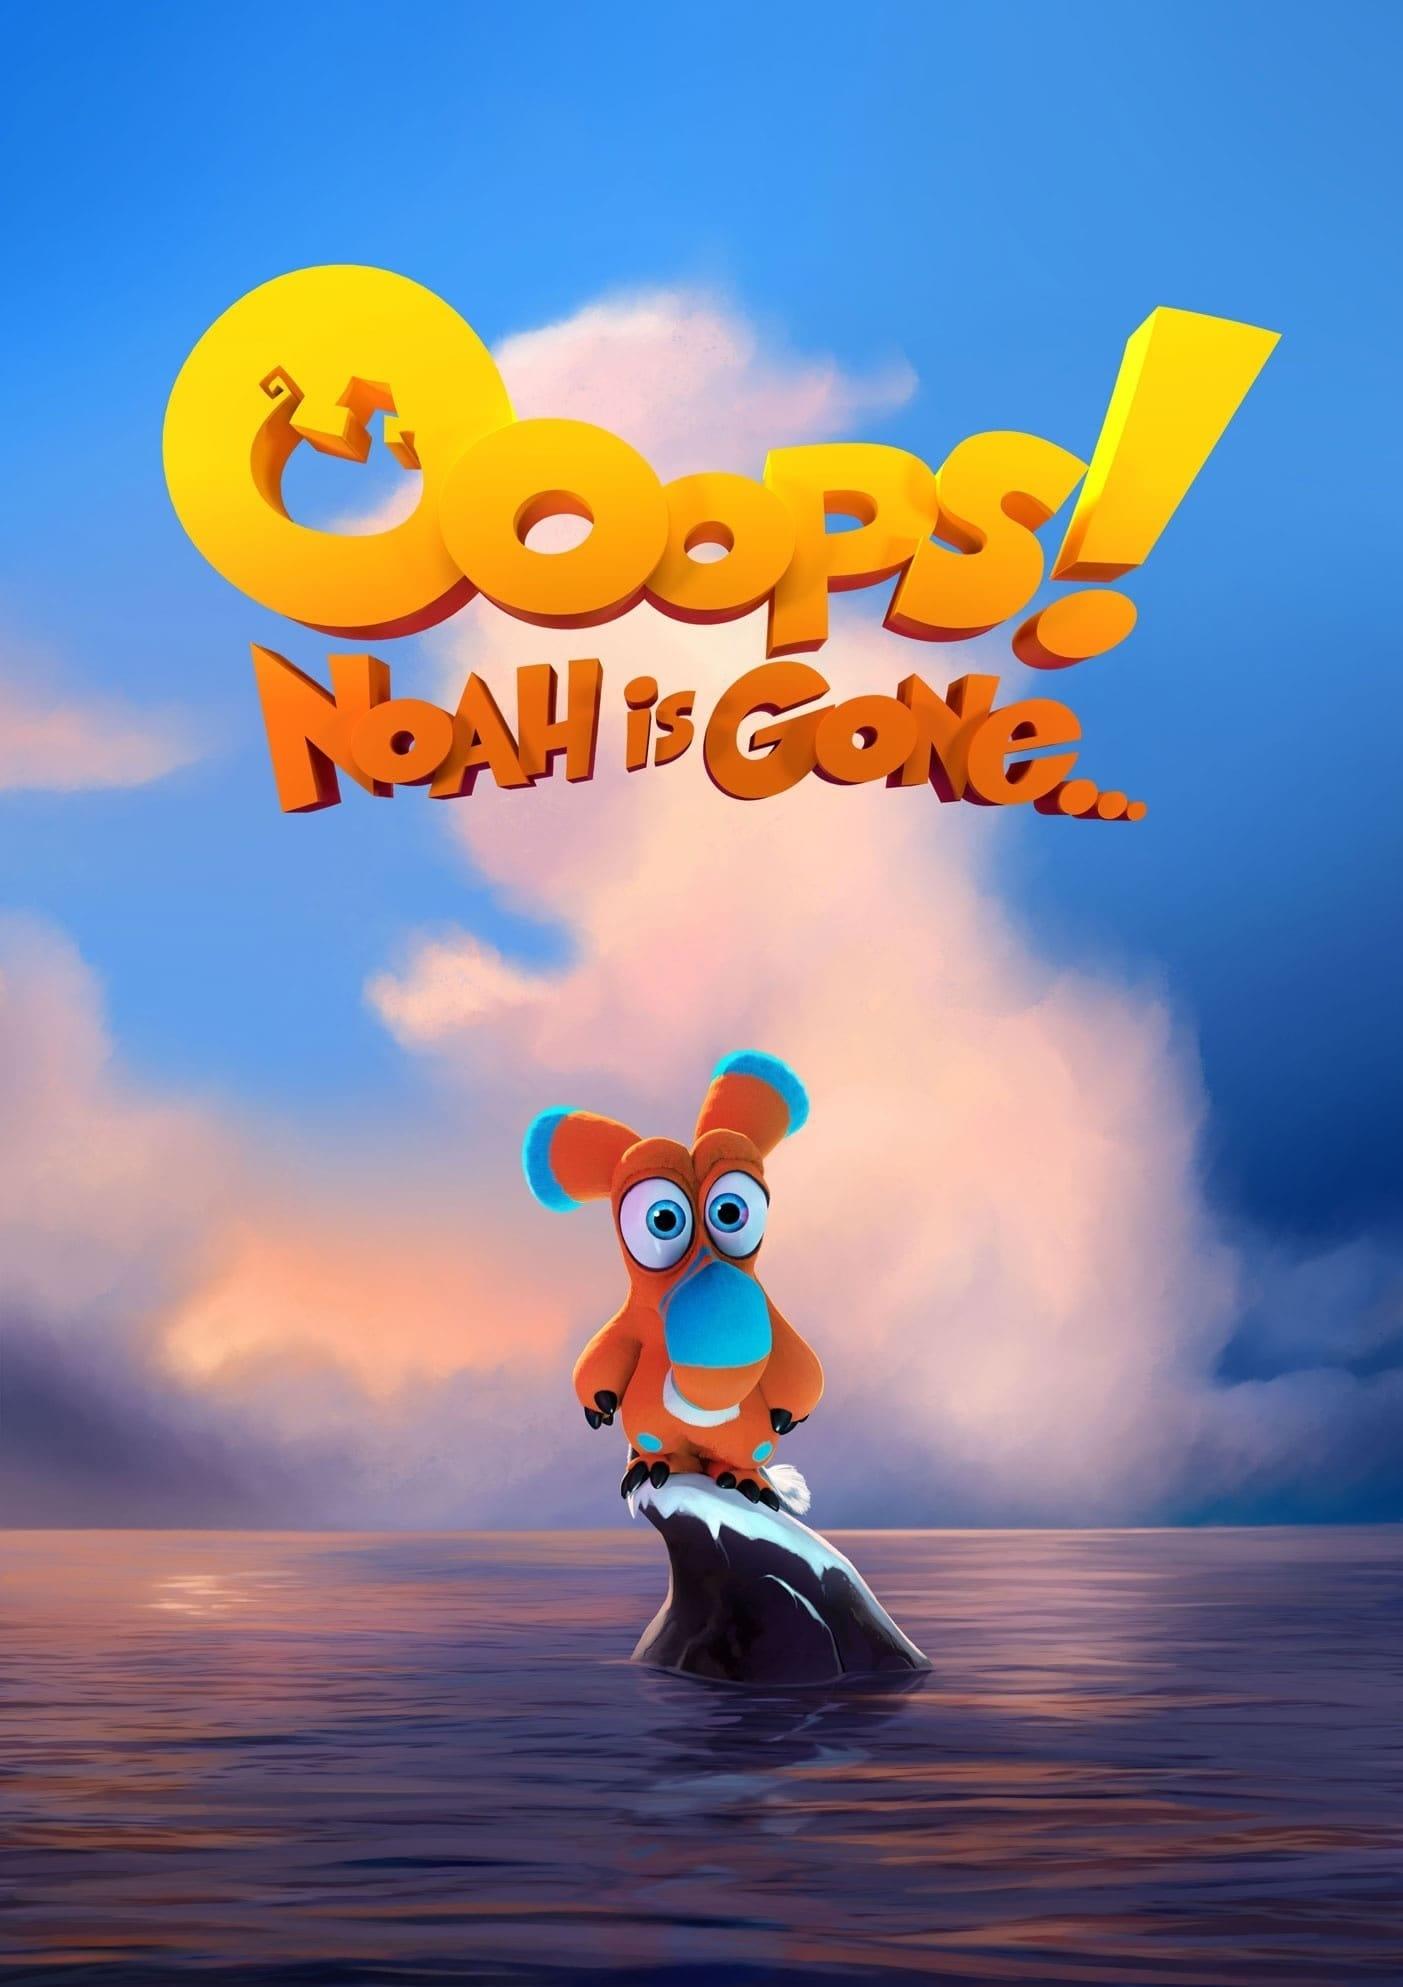 Ooops! Noah is Gone...